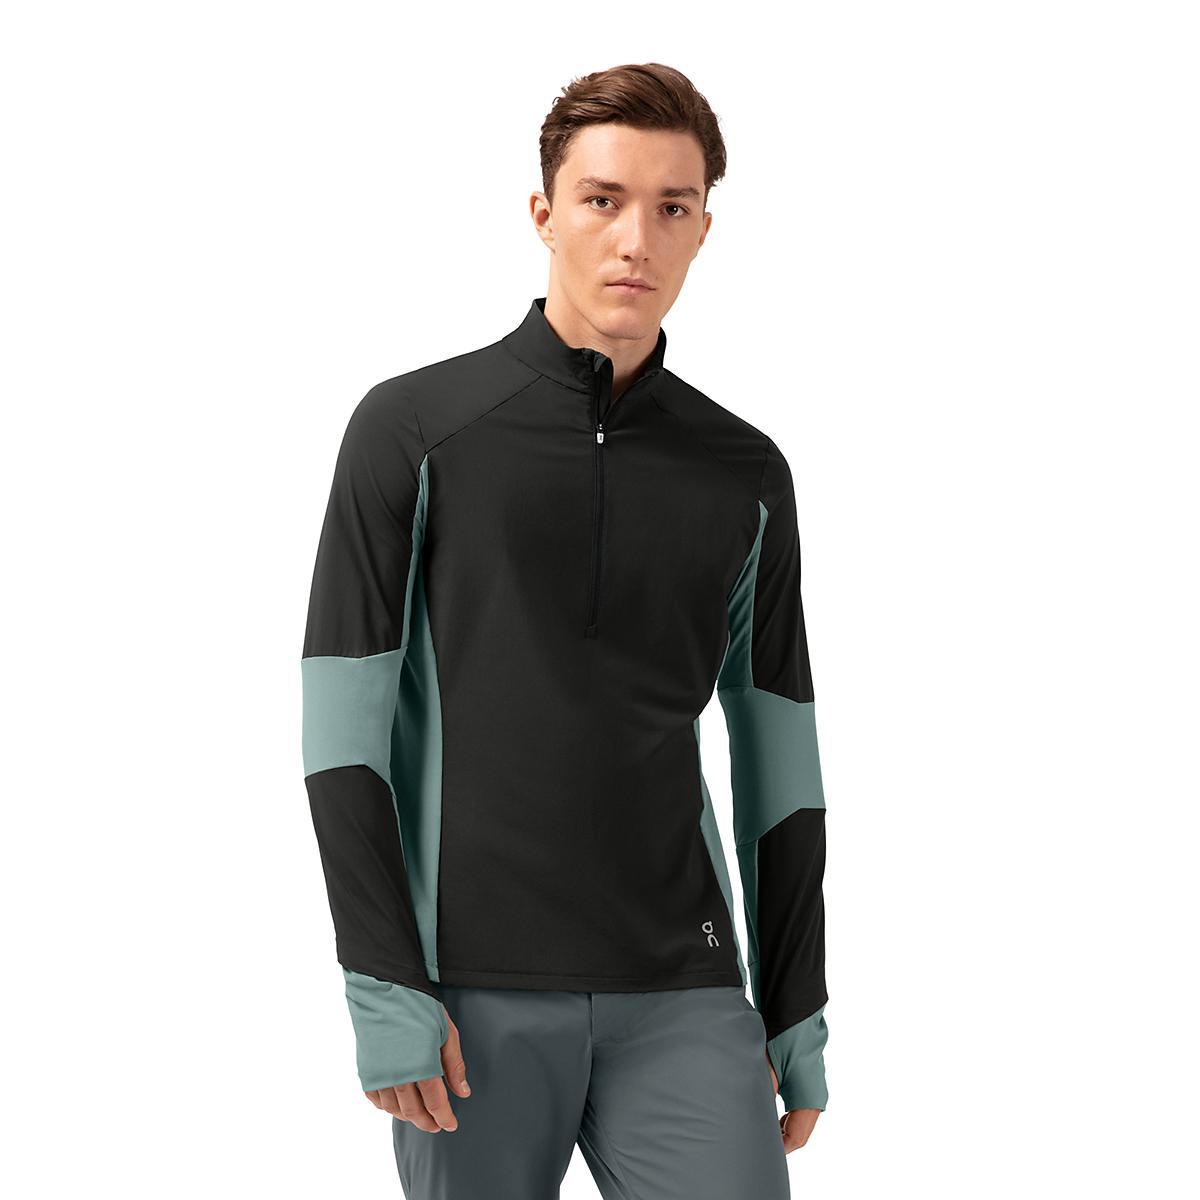 Men's On Trail Breaker Long Sleeve Quarter Zip Pullover - Color: Black/Olive - Size: XS, Black/Olive, large, image 1